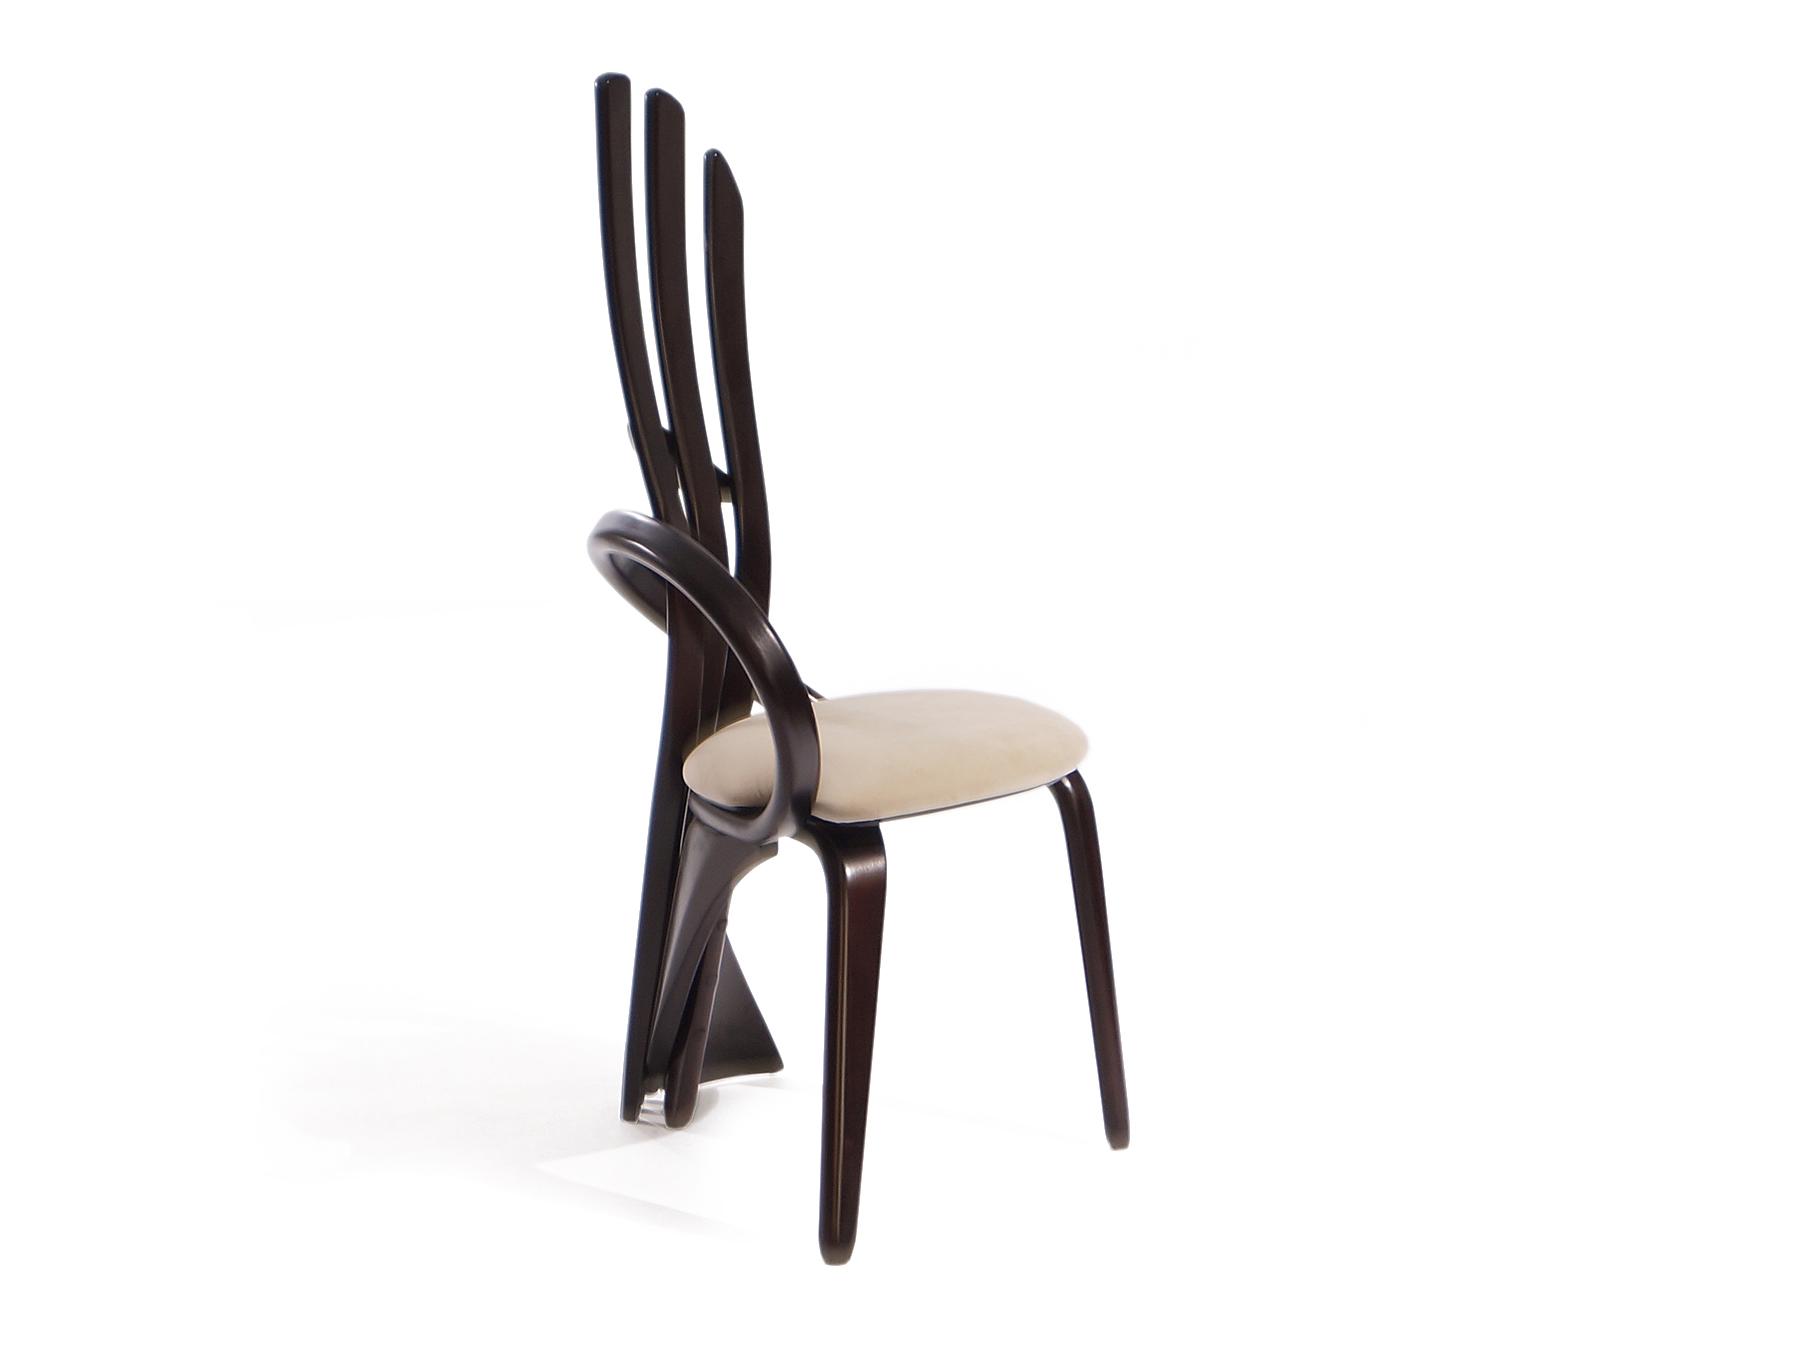 Стул Brazo MОбеденные стулья<br>&amp;lt;div&amp;gt;Дизайнерский стул с необычной эргономической конструкцией спинки из гнутого дерева. Хорошо подходит к столам серии brazo и virtuos.&amp;amp;nbsp;&amp;lt;/div&amp;gt;&amp;lt;div&amp;gt;&amp;lt;br&amp;gt;&amp;lt;/div&amp;gt;&amp;lt;div&amp;gt;Материал: натуральное дерево береза (цвет: венге)&amp;amp;nbsp;&amp;lt;/div&amp;gt;&amp;lt;div&amp;gt;Обивка: износостойкая ткань коллекции sensation 32.&amp;lt;/div&amp;gt;<br><br>Material: Кожа<br>Length см: None<br>Width см: 52<br>Depth см: 57<br>Height см: 114<br>Diameter см: None